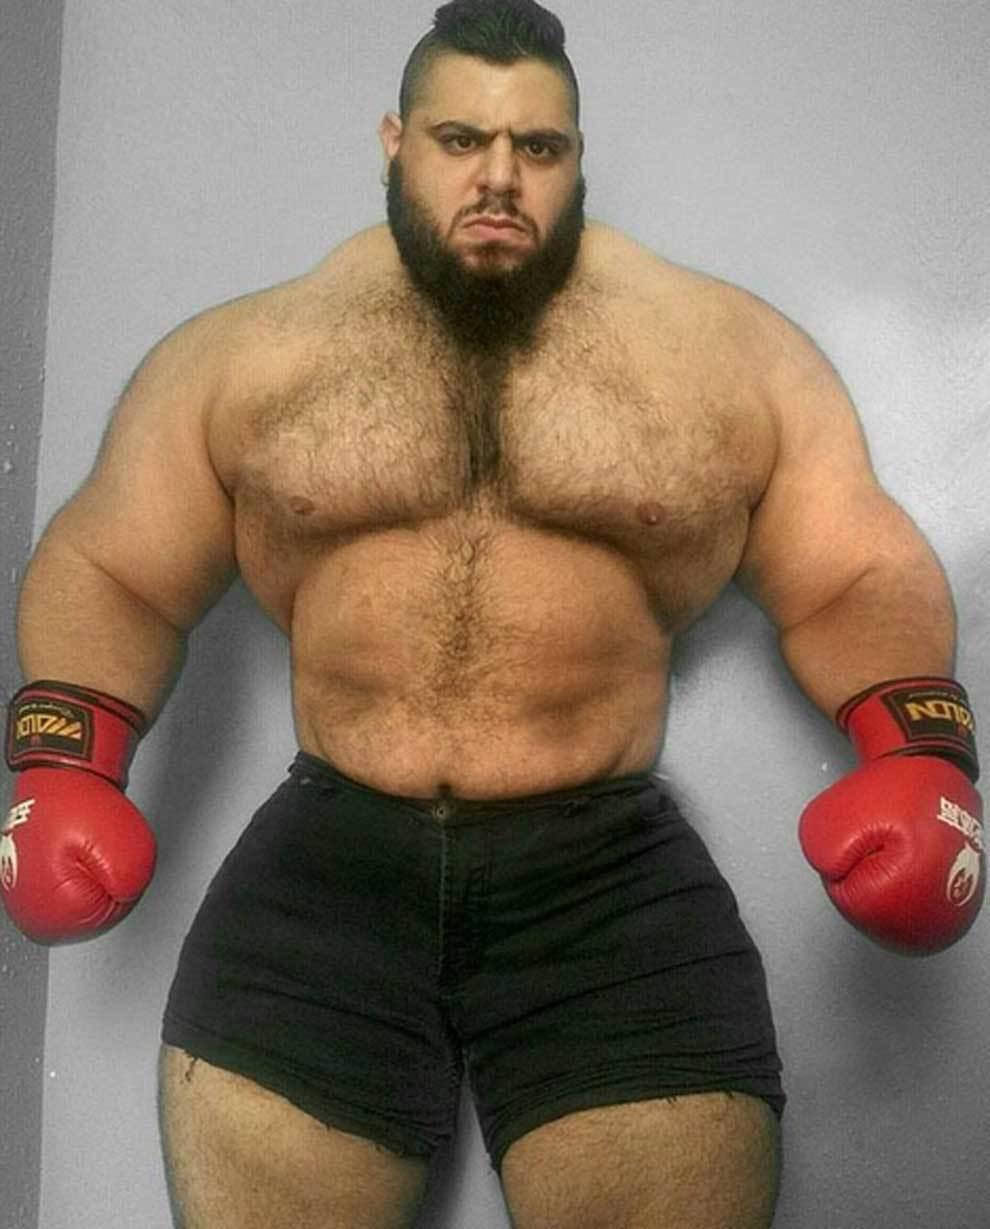 El 'Hulk de Irán' se pasa al sangriento boxeo sin guantes